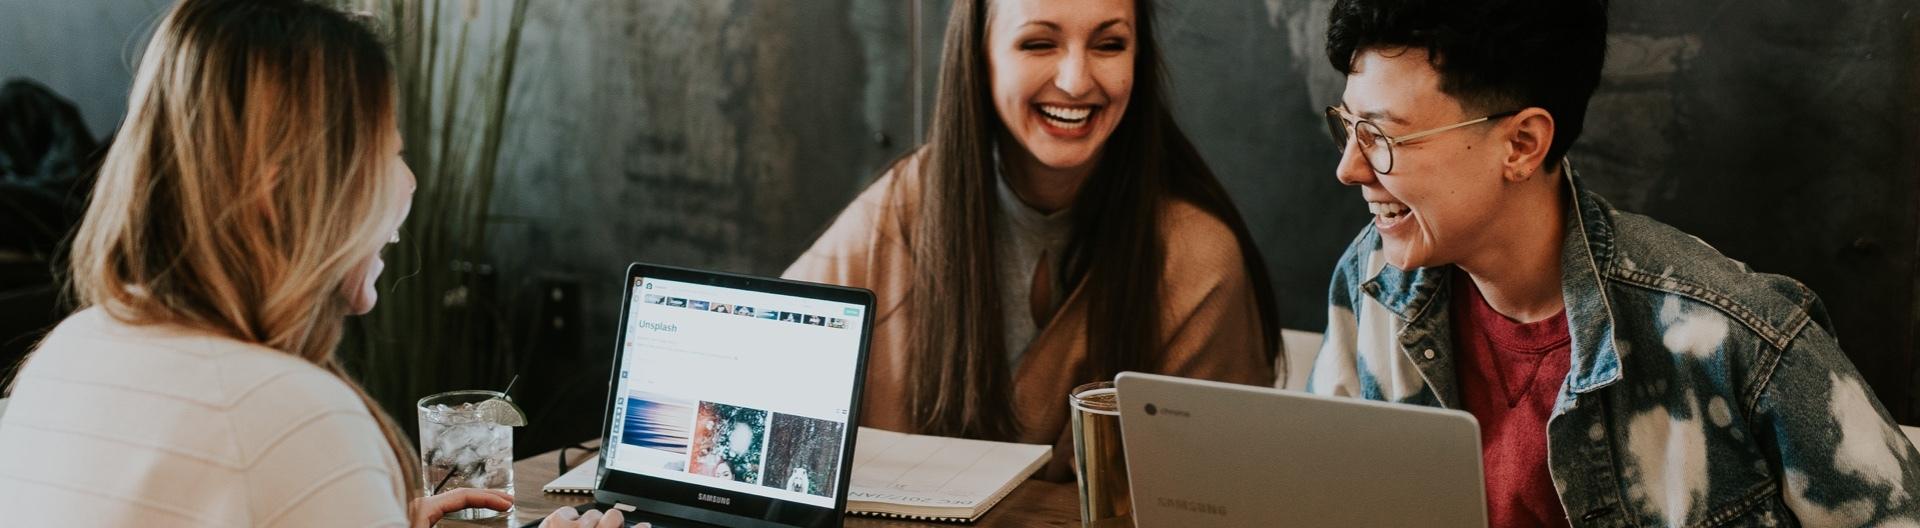 Drei Frauen sitzen an einem Tisch mit zwei Laptops und lachen sich an